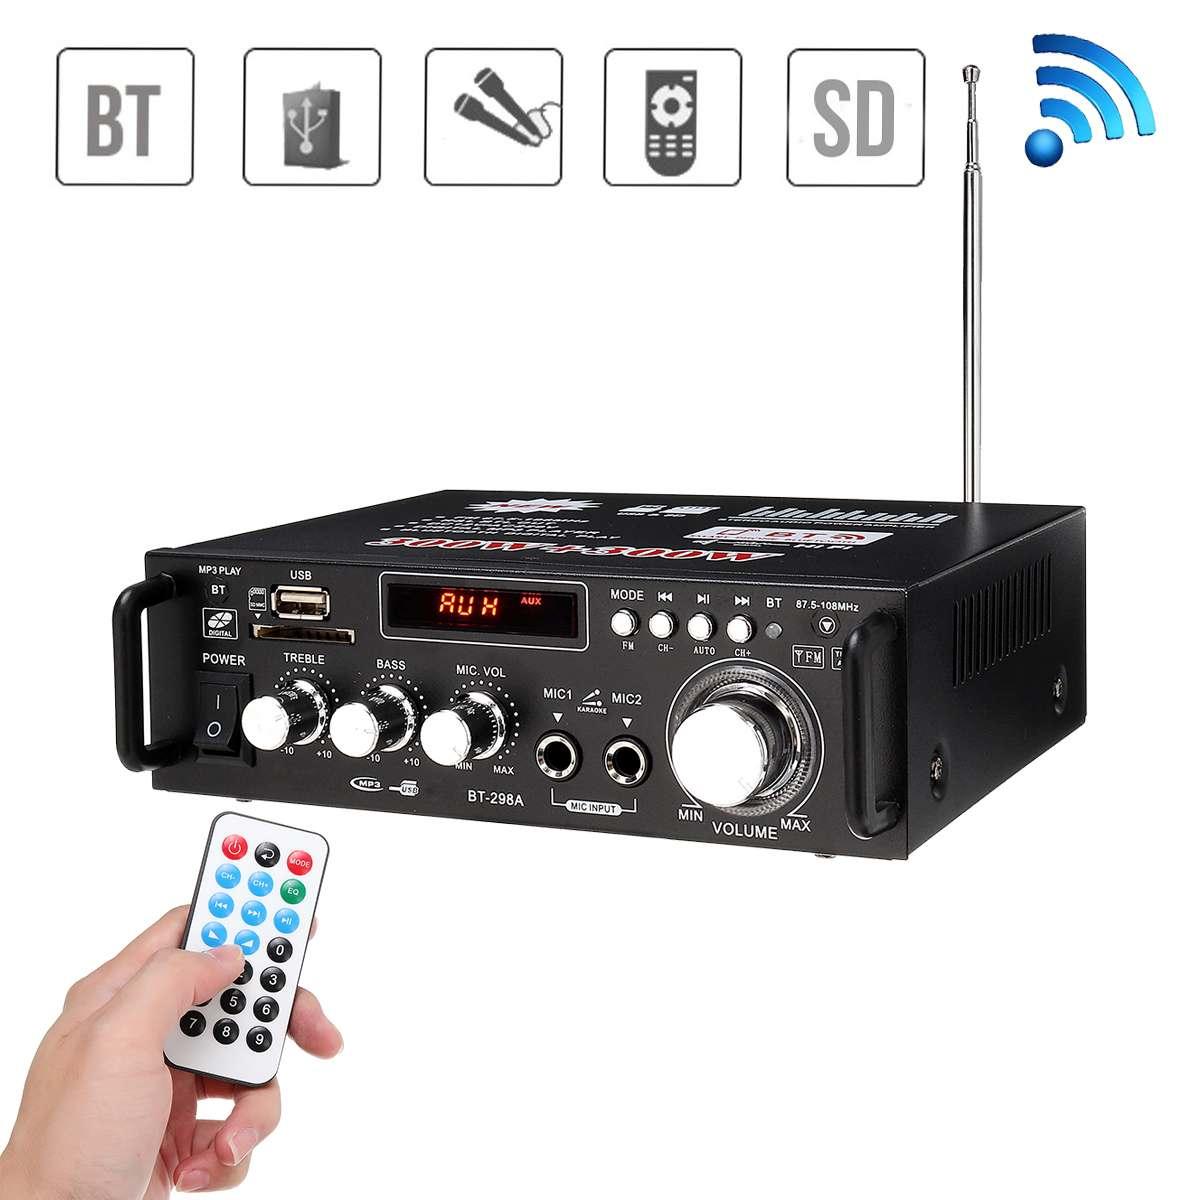 600w accueil amplificateurs Audio bluetooth amplificateur Subwoofer amplificateur Home cinéma système de son Mini amplificateur professionnel